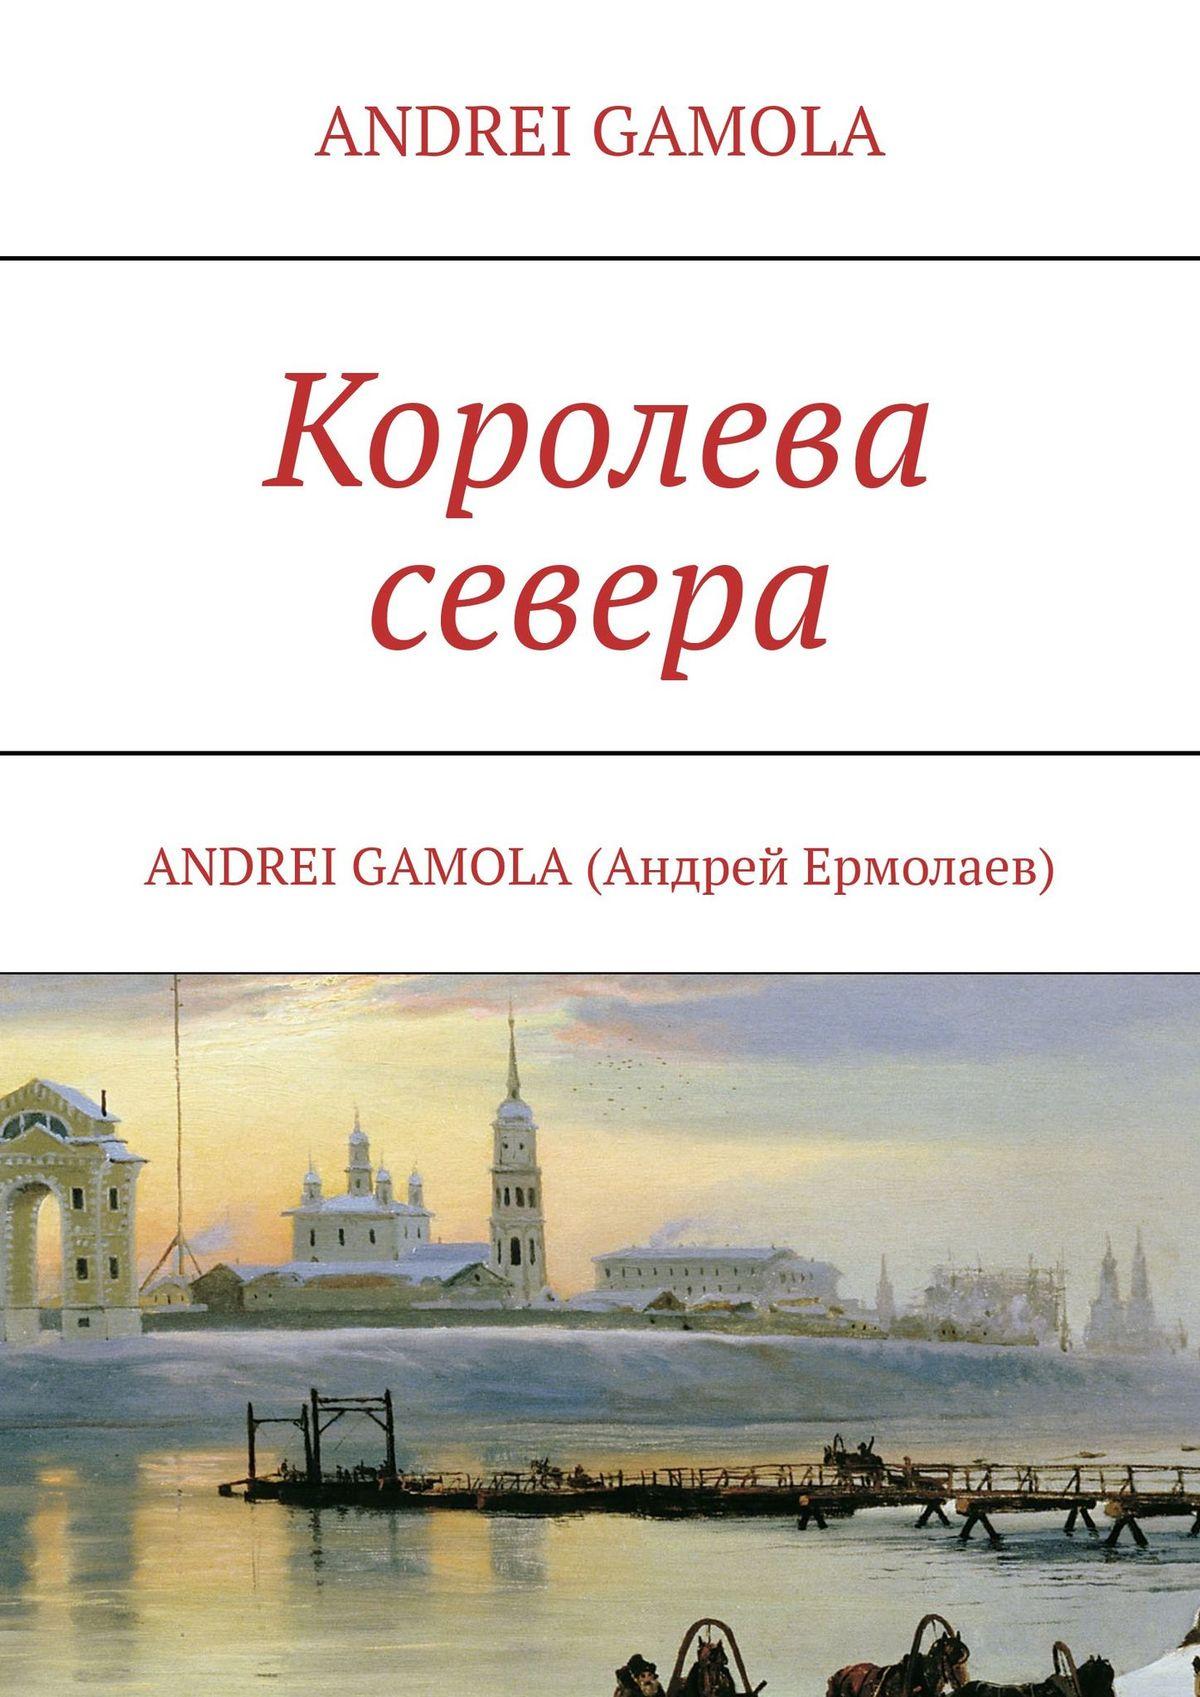 цена на ANDREI GAMOLA Королева севера